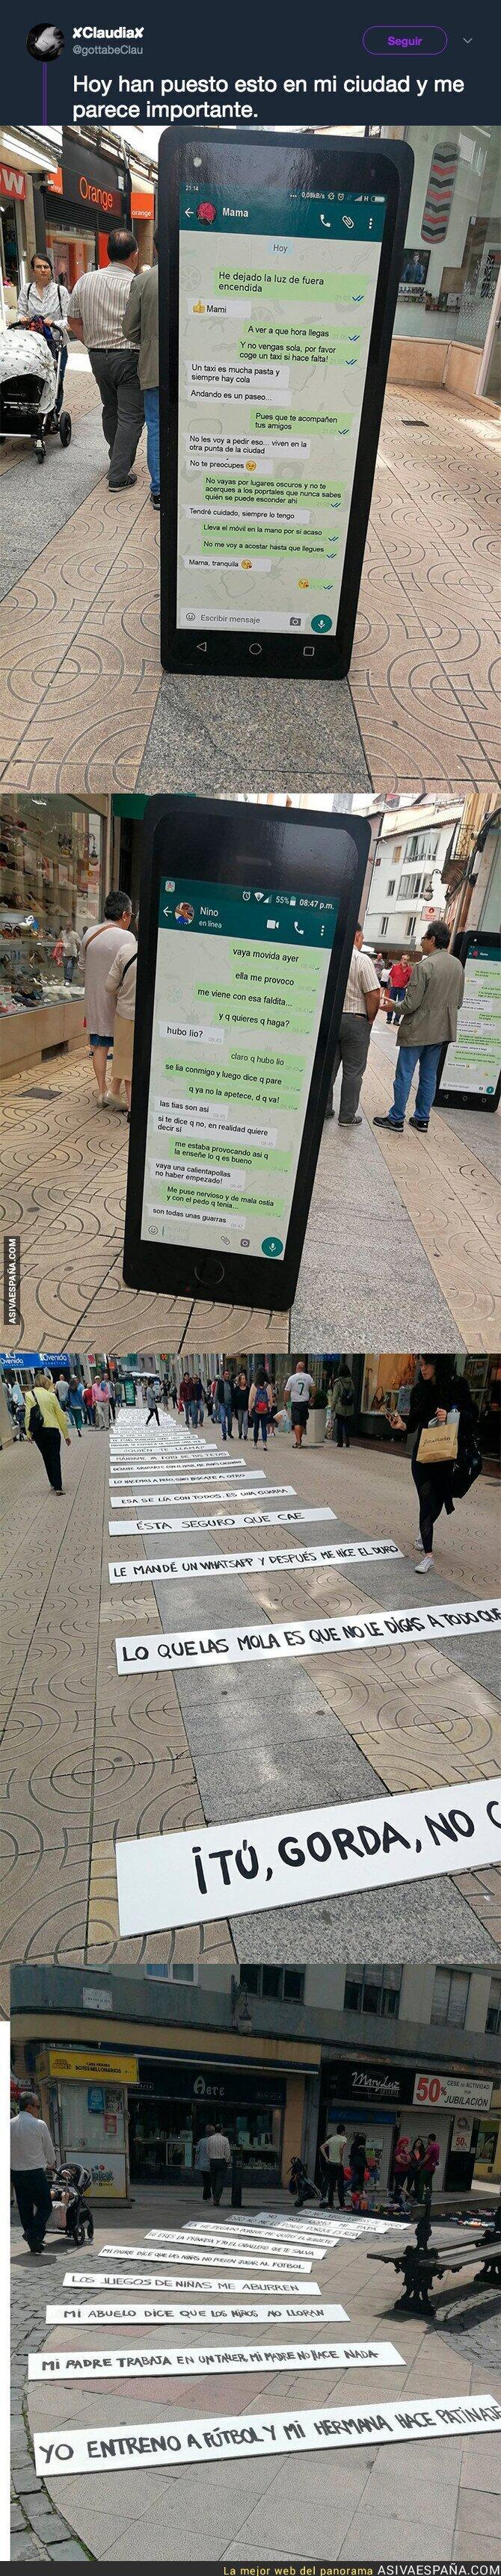 88472 - Un gran mensaje para concienciar contra el acoso a mujeres